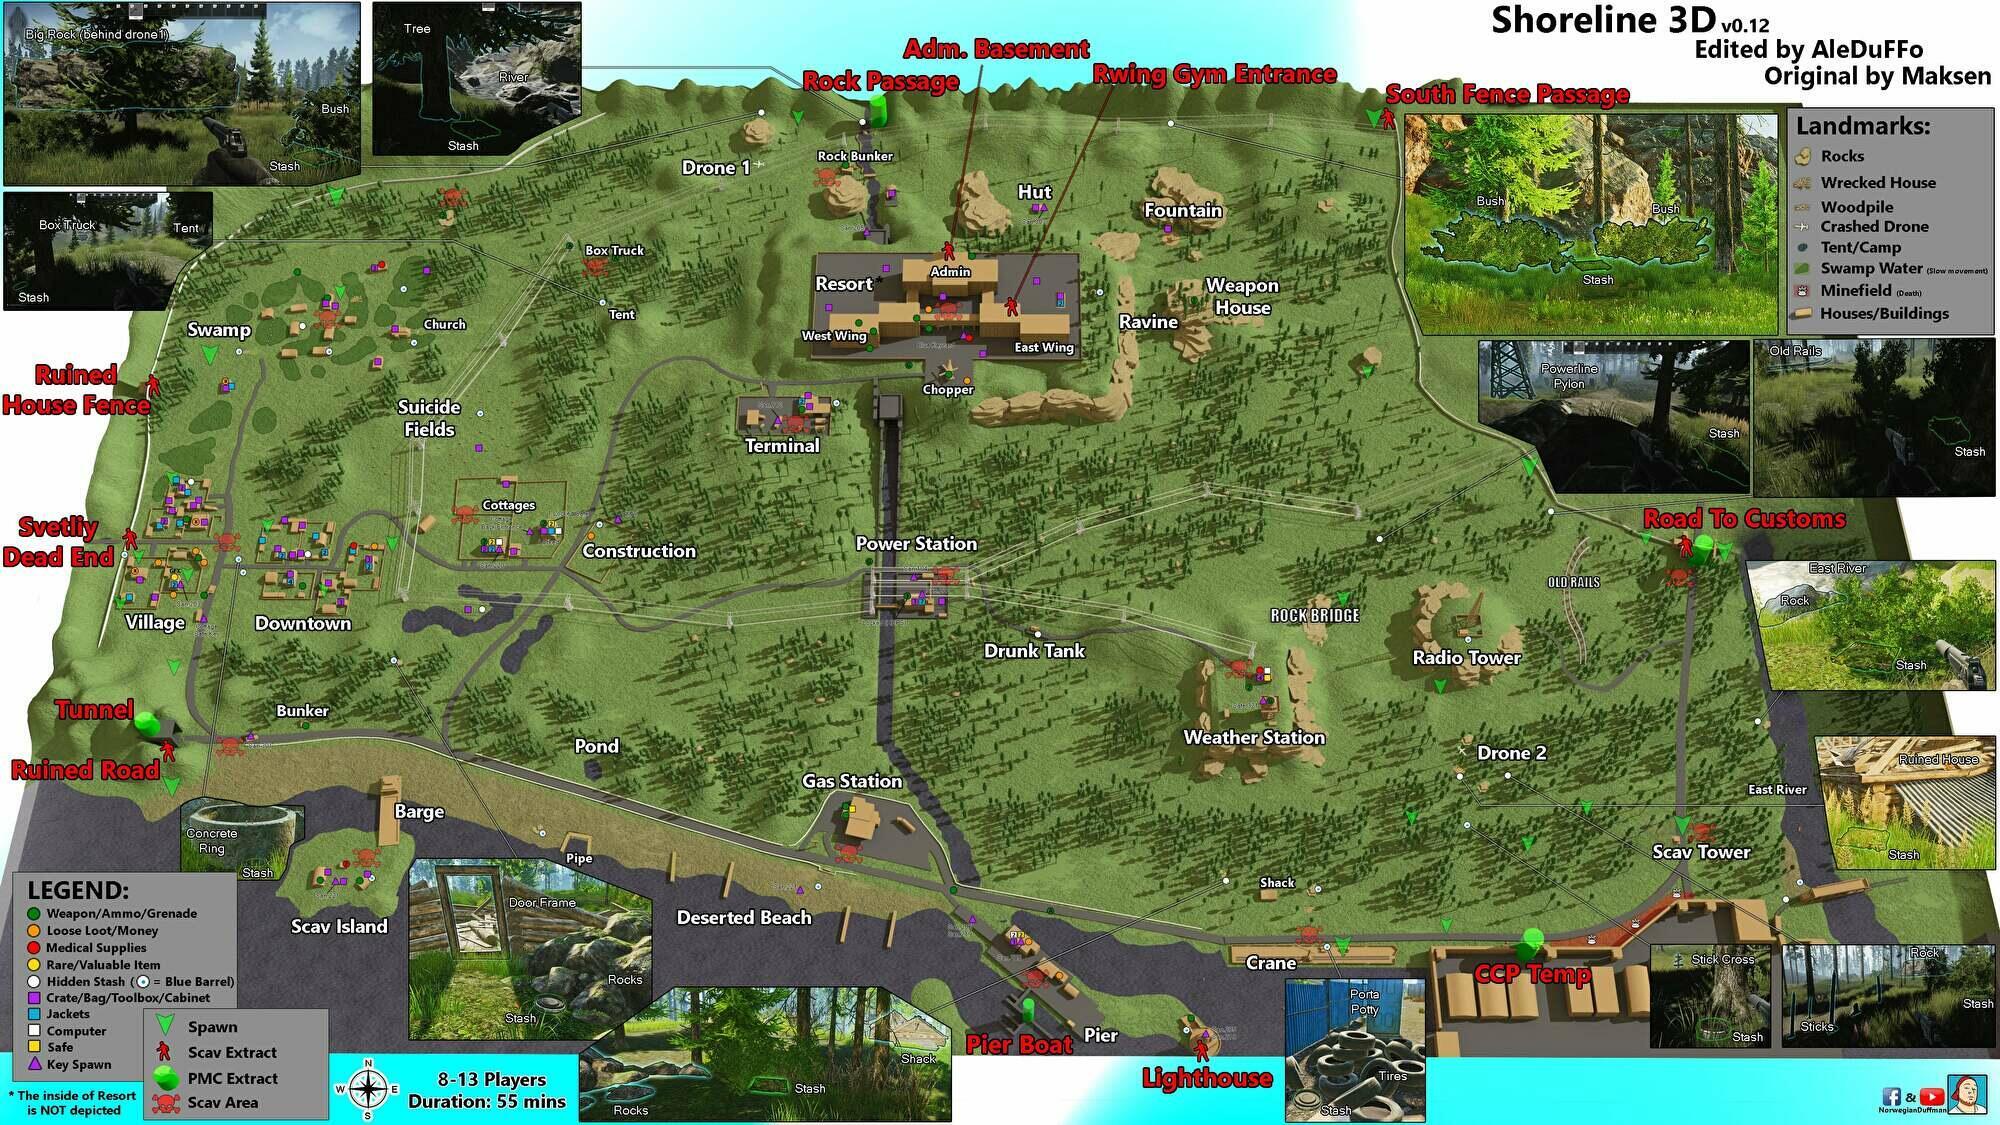 ShoreLine_Exit_Loot.jpg